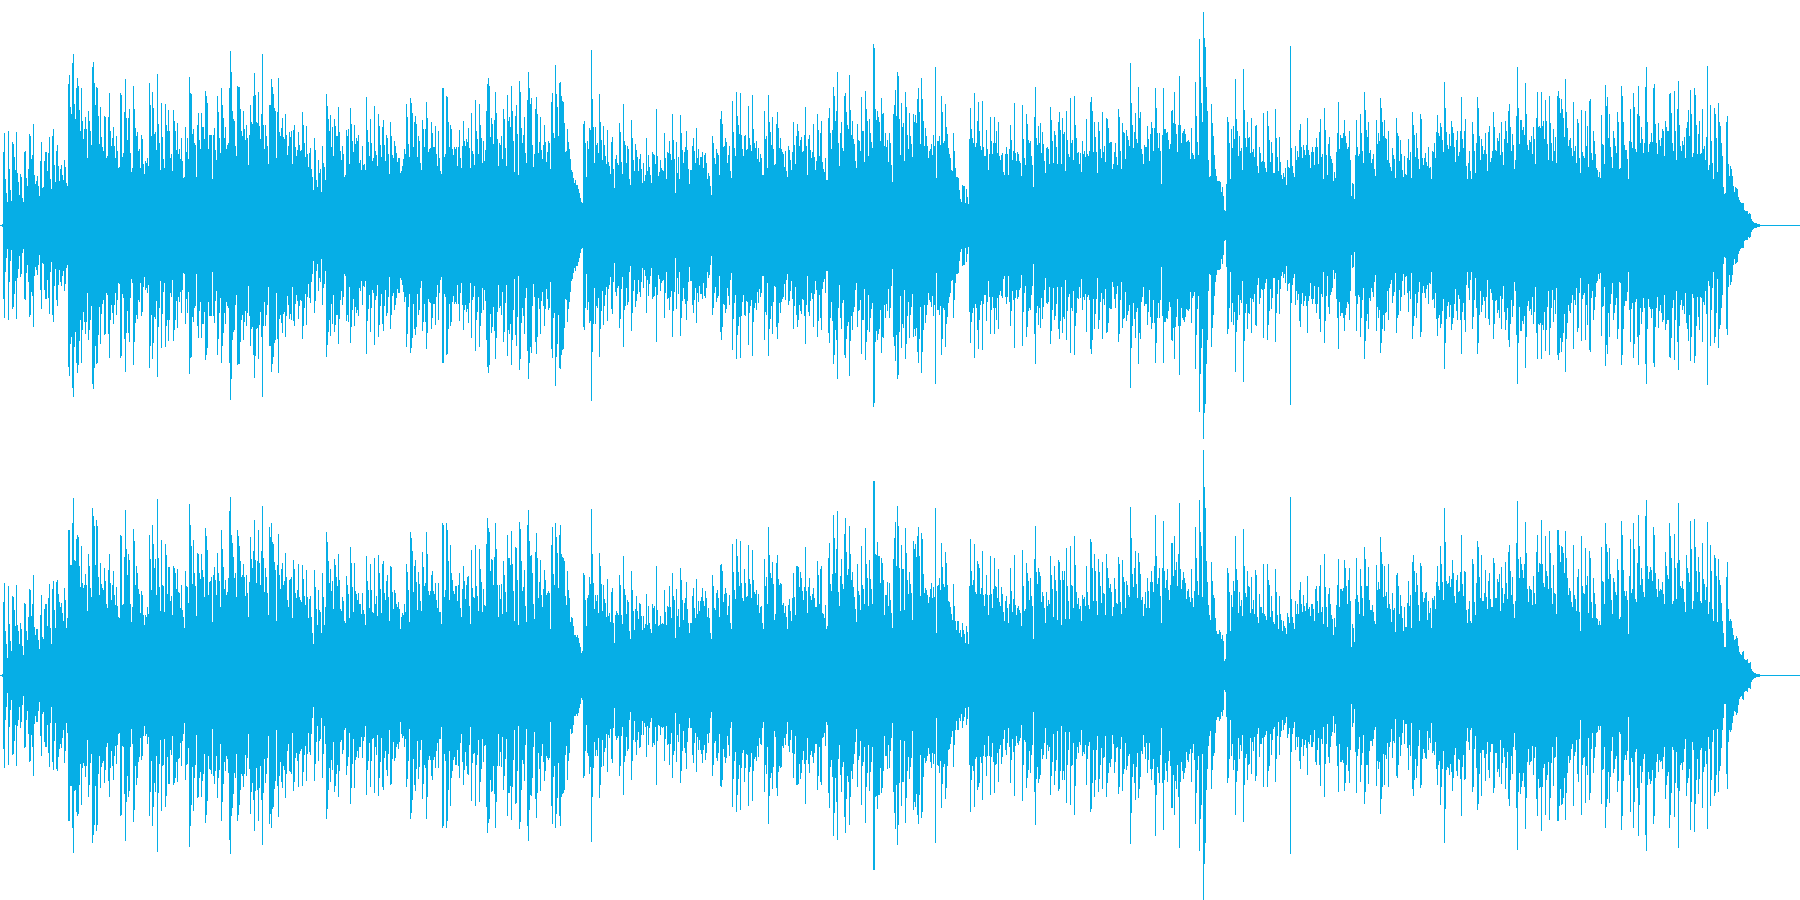 森のくまさん 民謡 アコギ カントリーの再生済みの波形